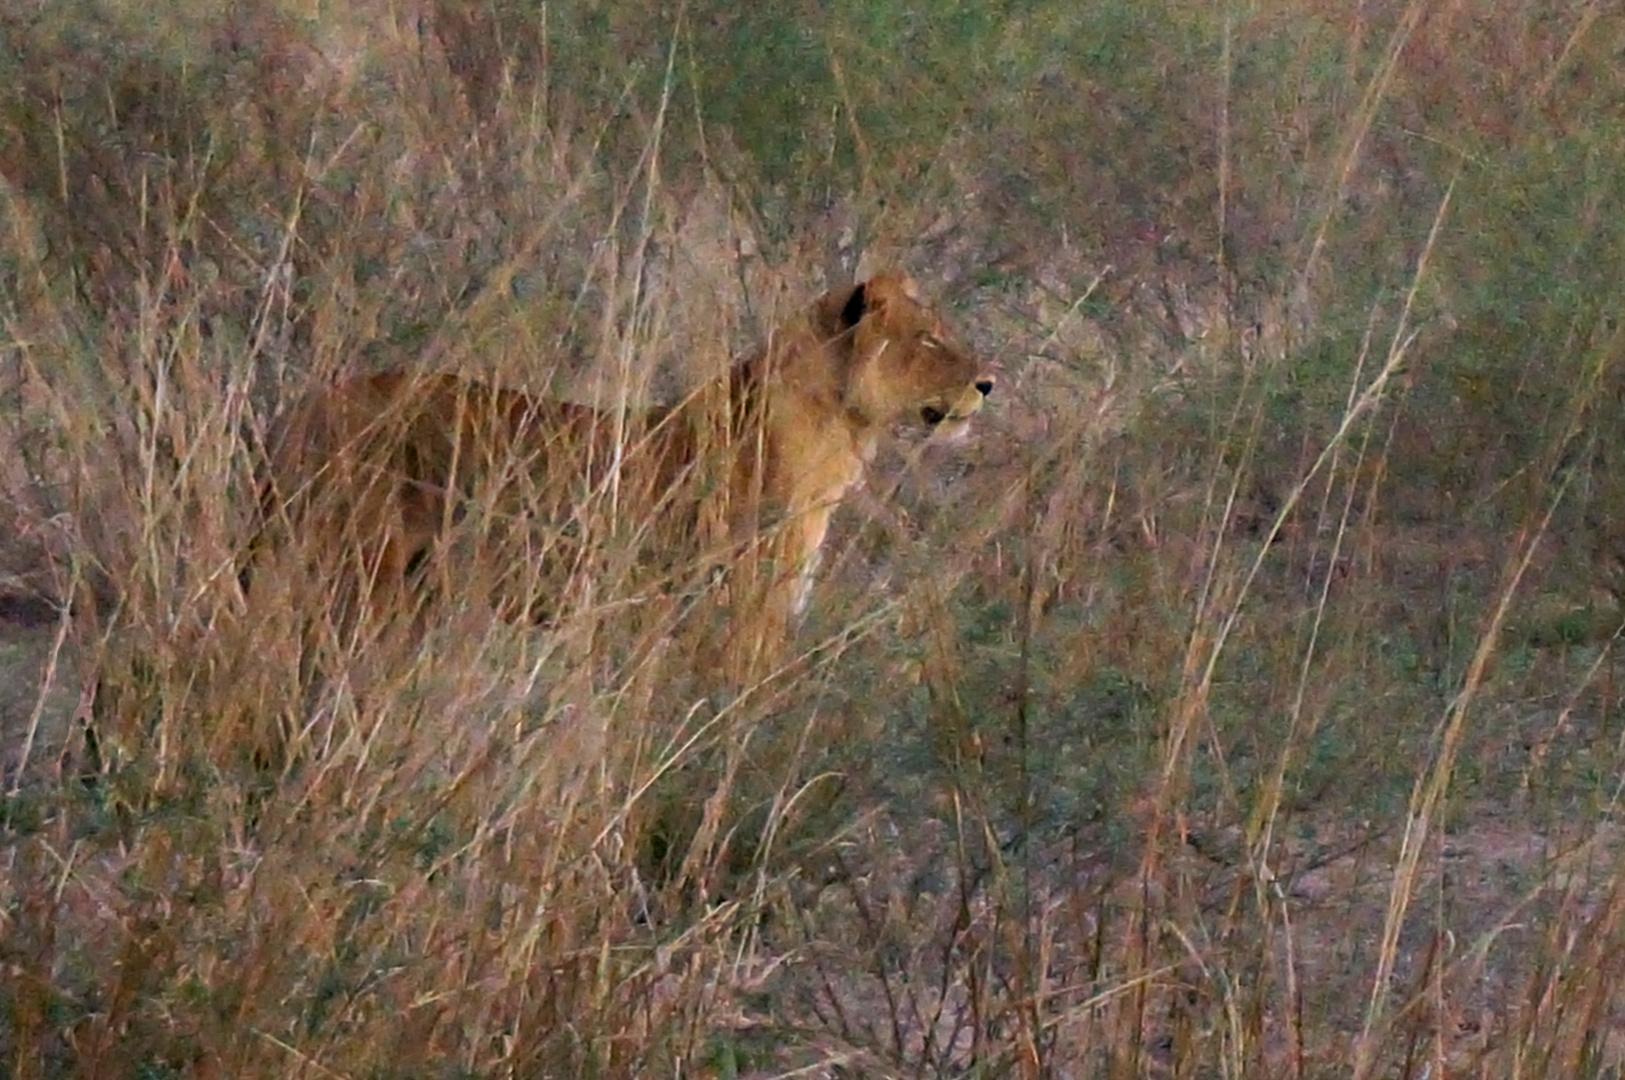 Löwe auf der Jagd